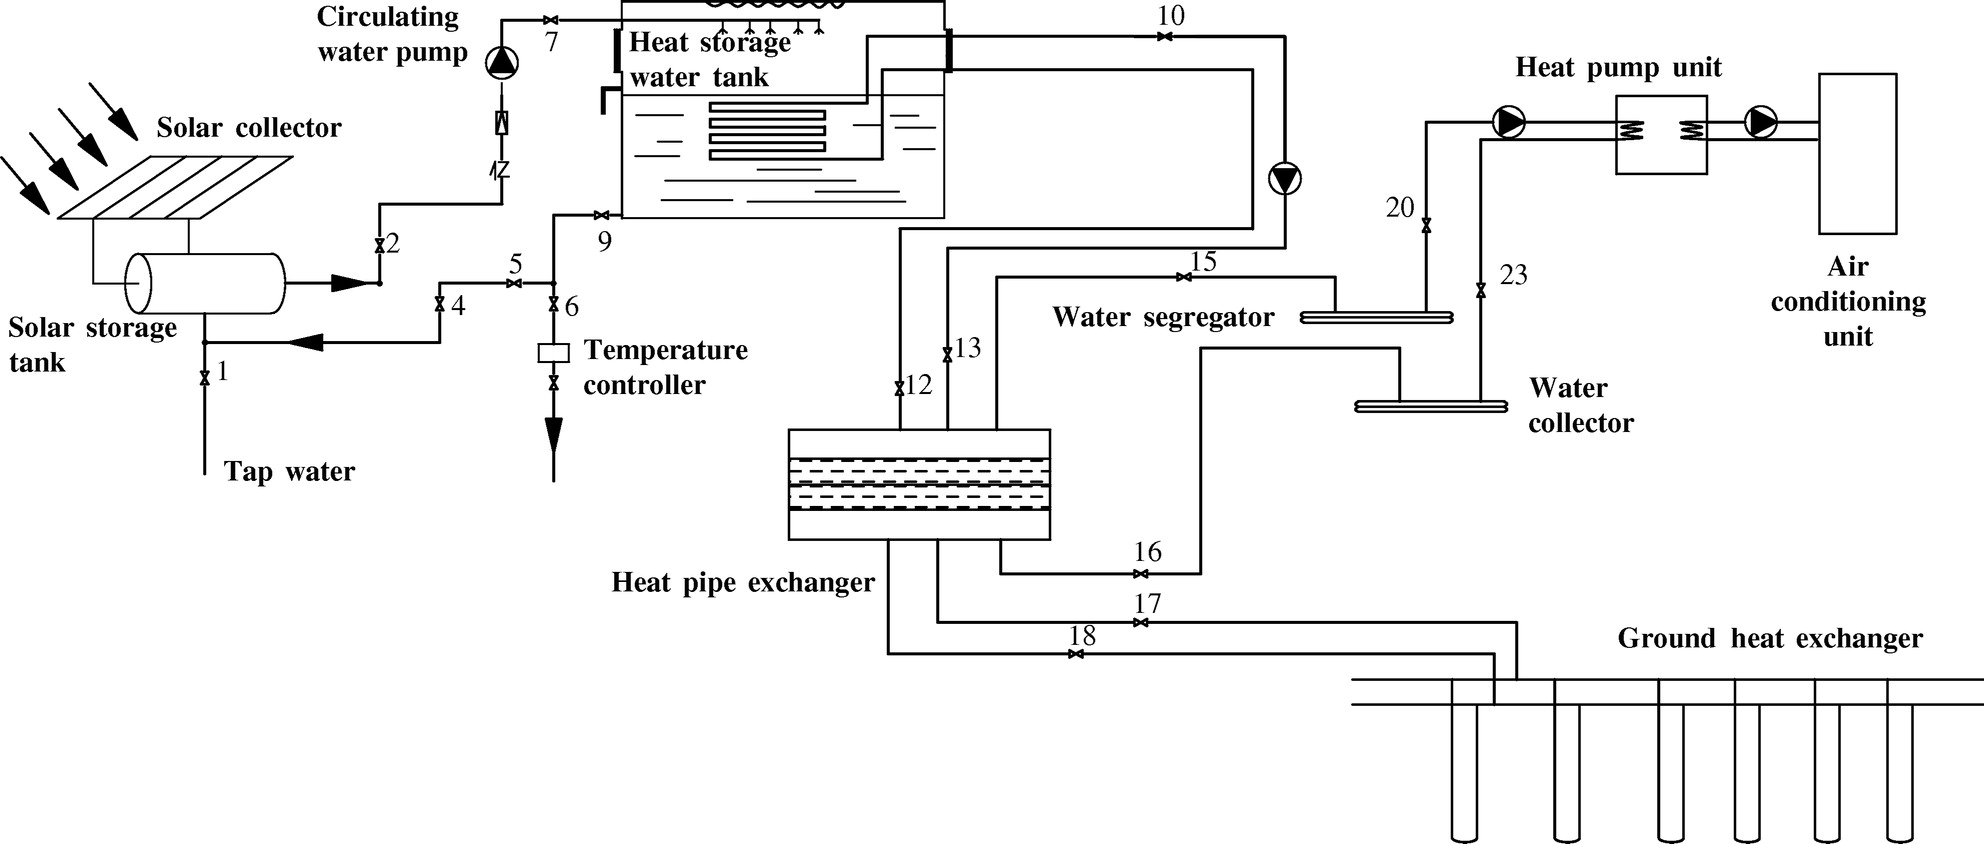 heat pump wiring diagram view nl 9955  ground source heat pump wiring diagram free diagram  ground source heat pump wiring diagram